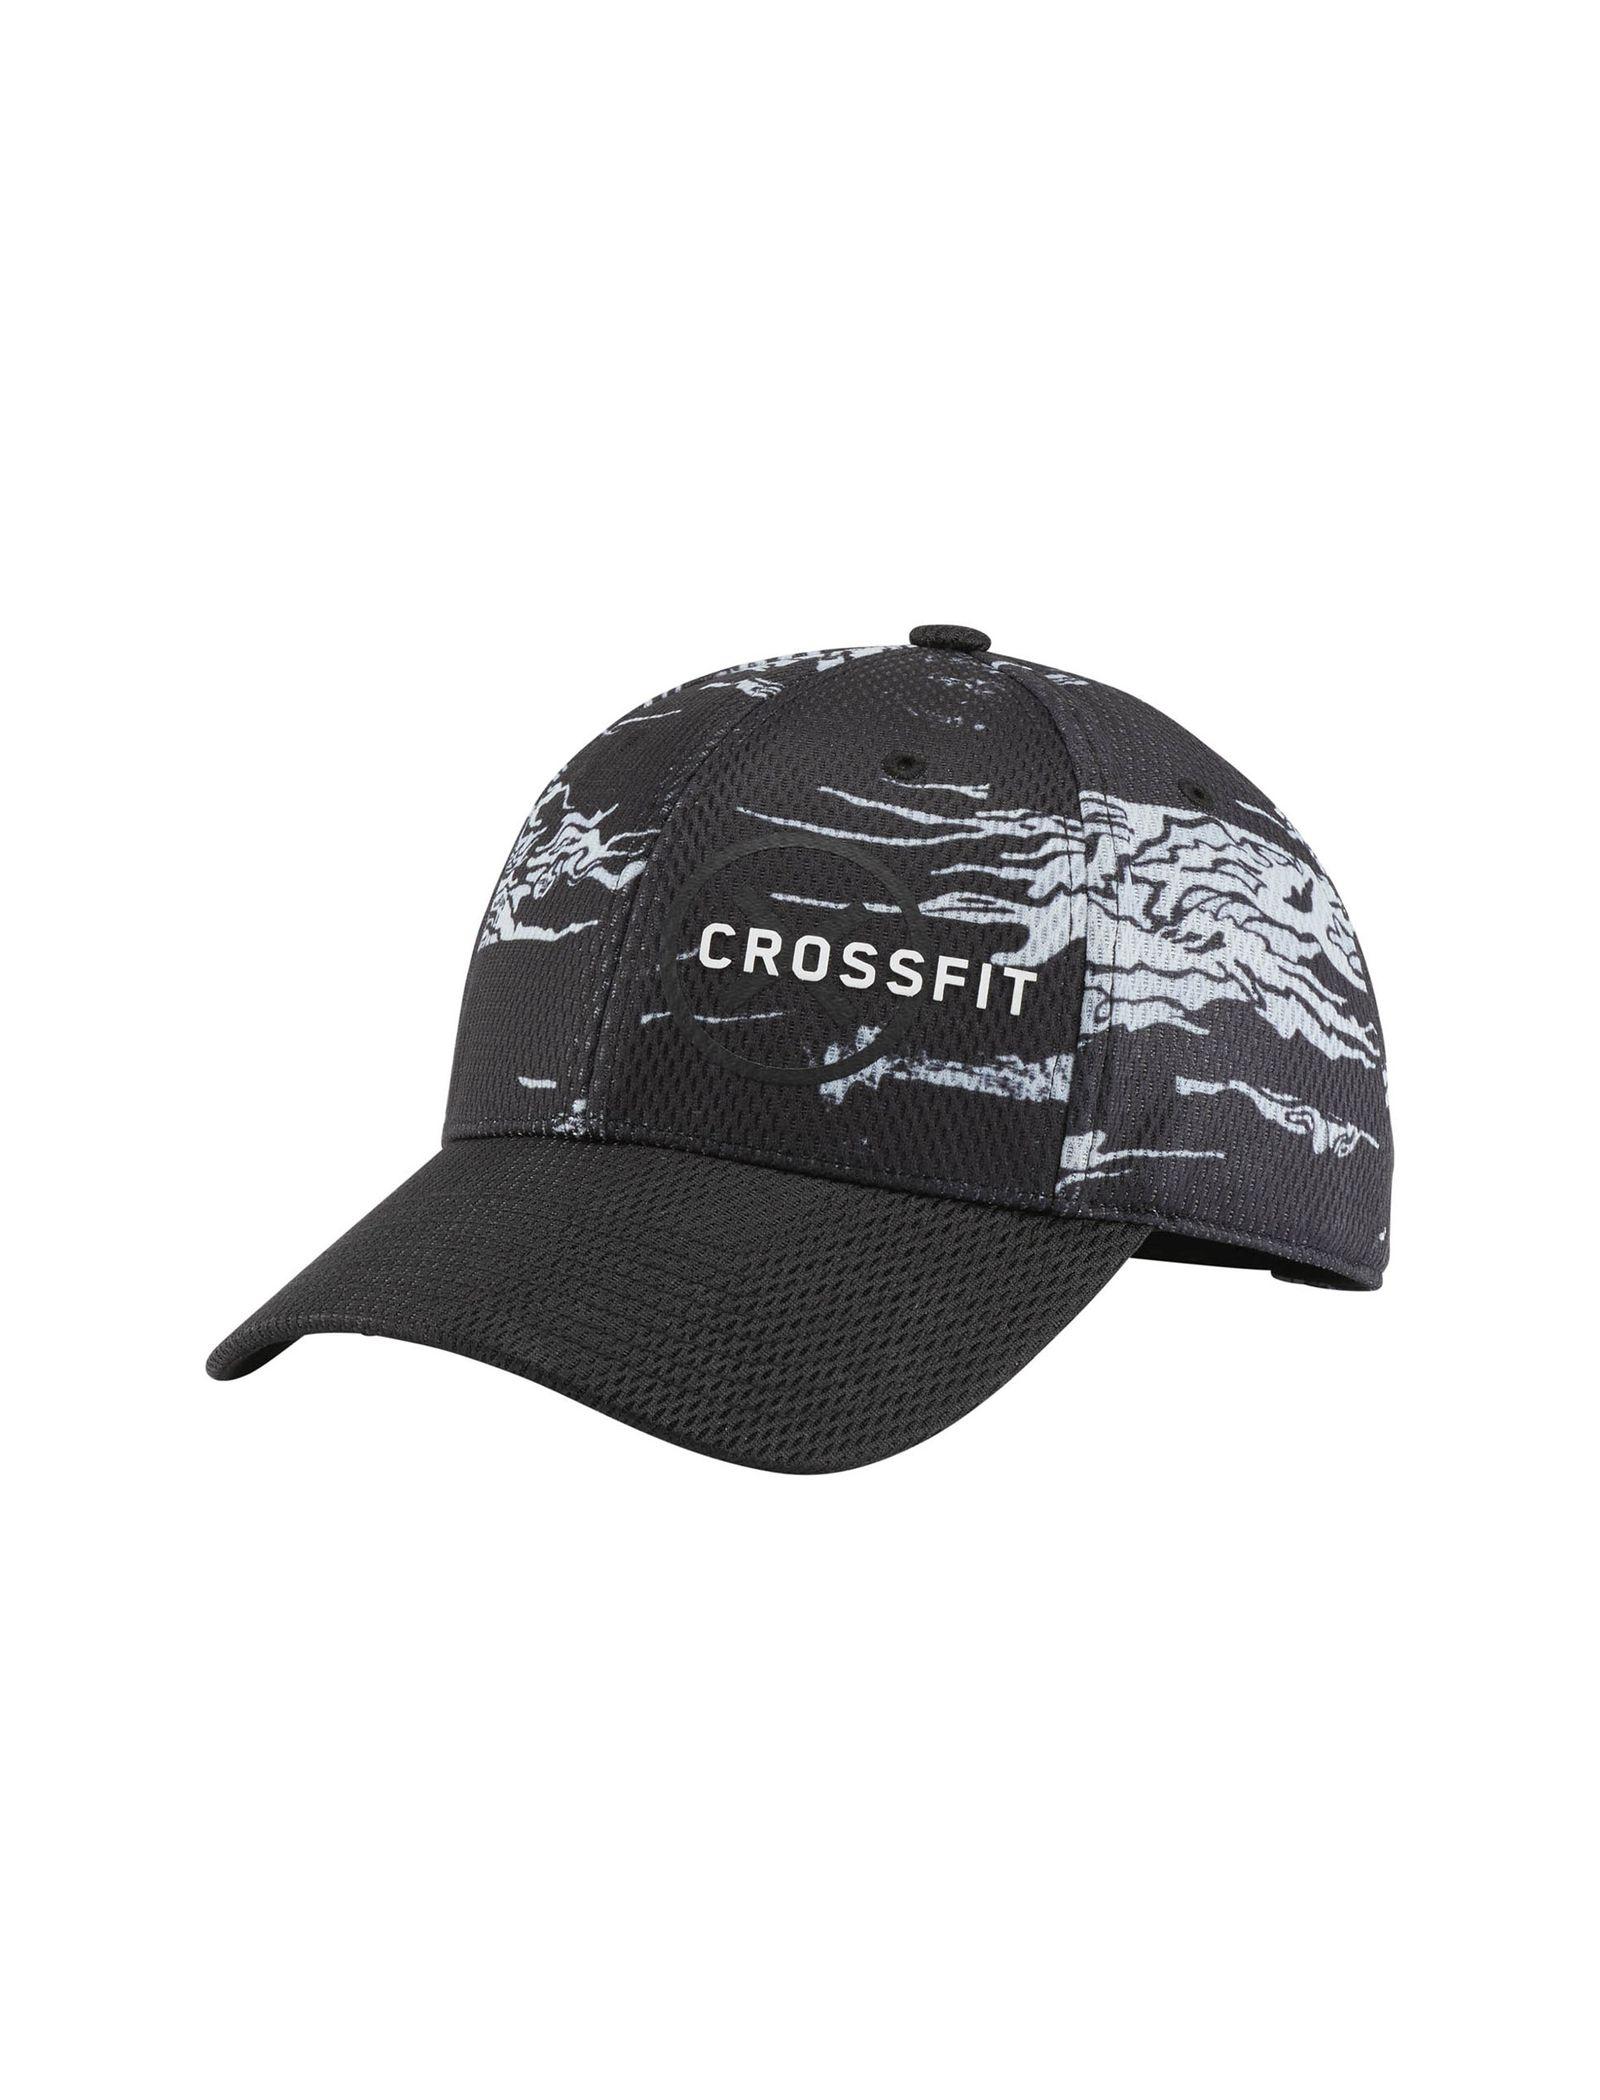 کپ ورزشی مردانه CrossFit Baseball - ریباک - مشکي و سفيد - 1